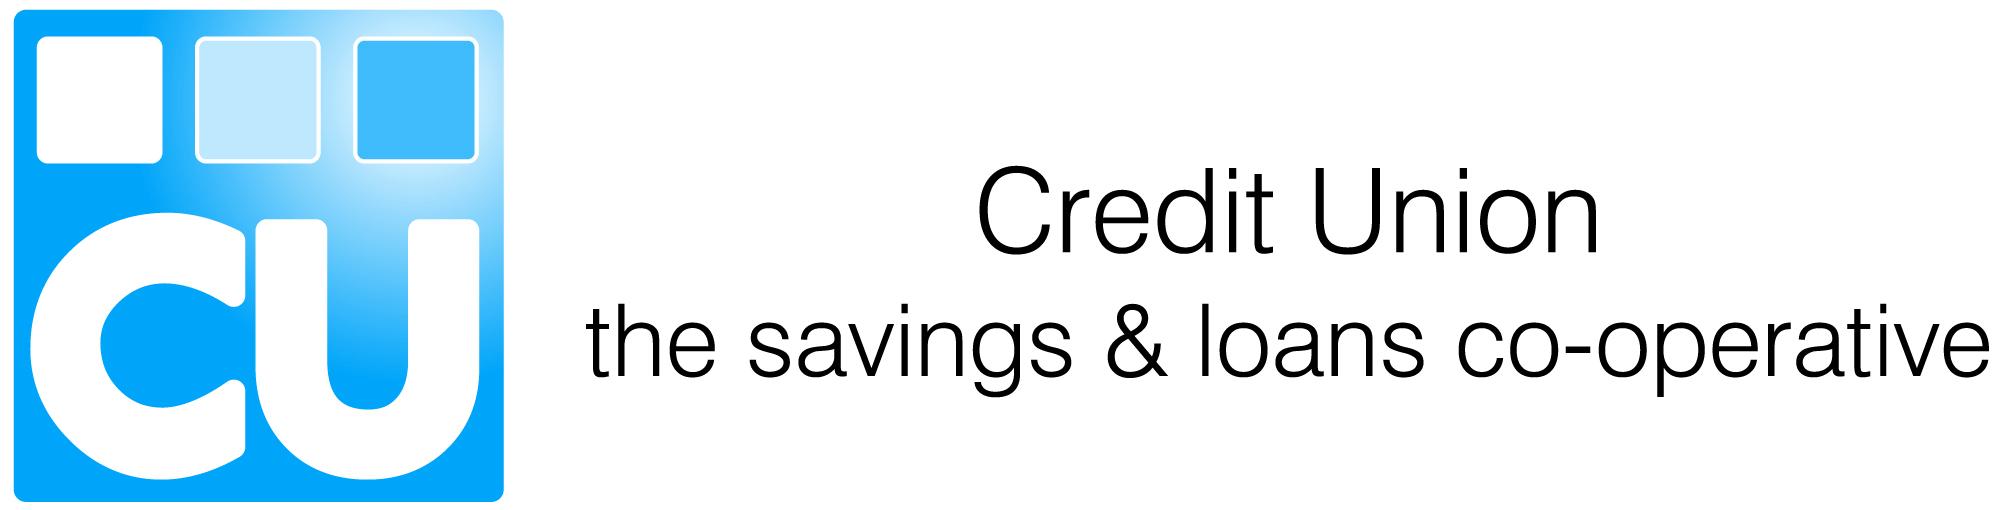 247 credit loan - 2